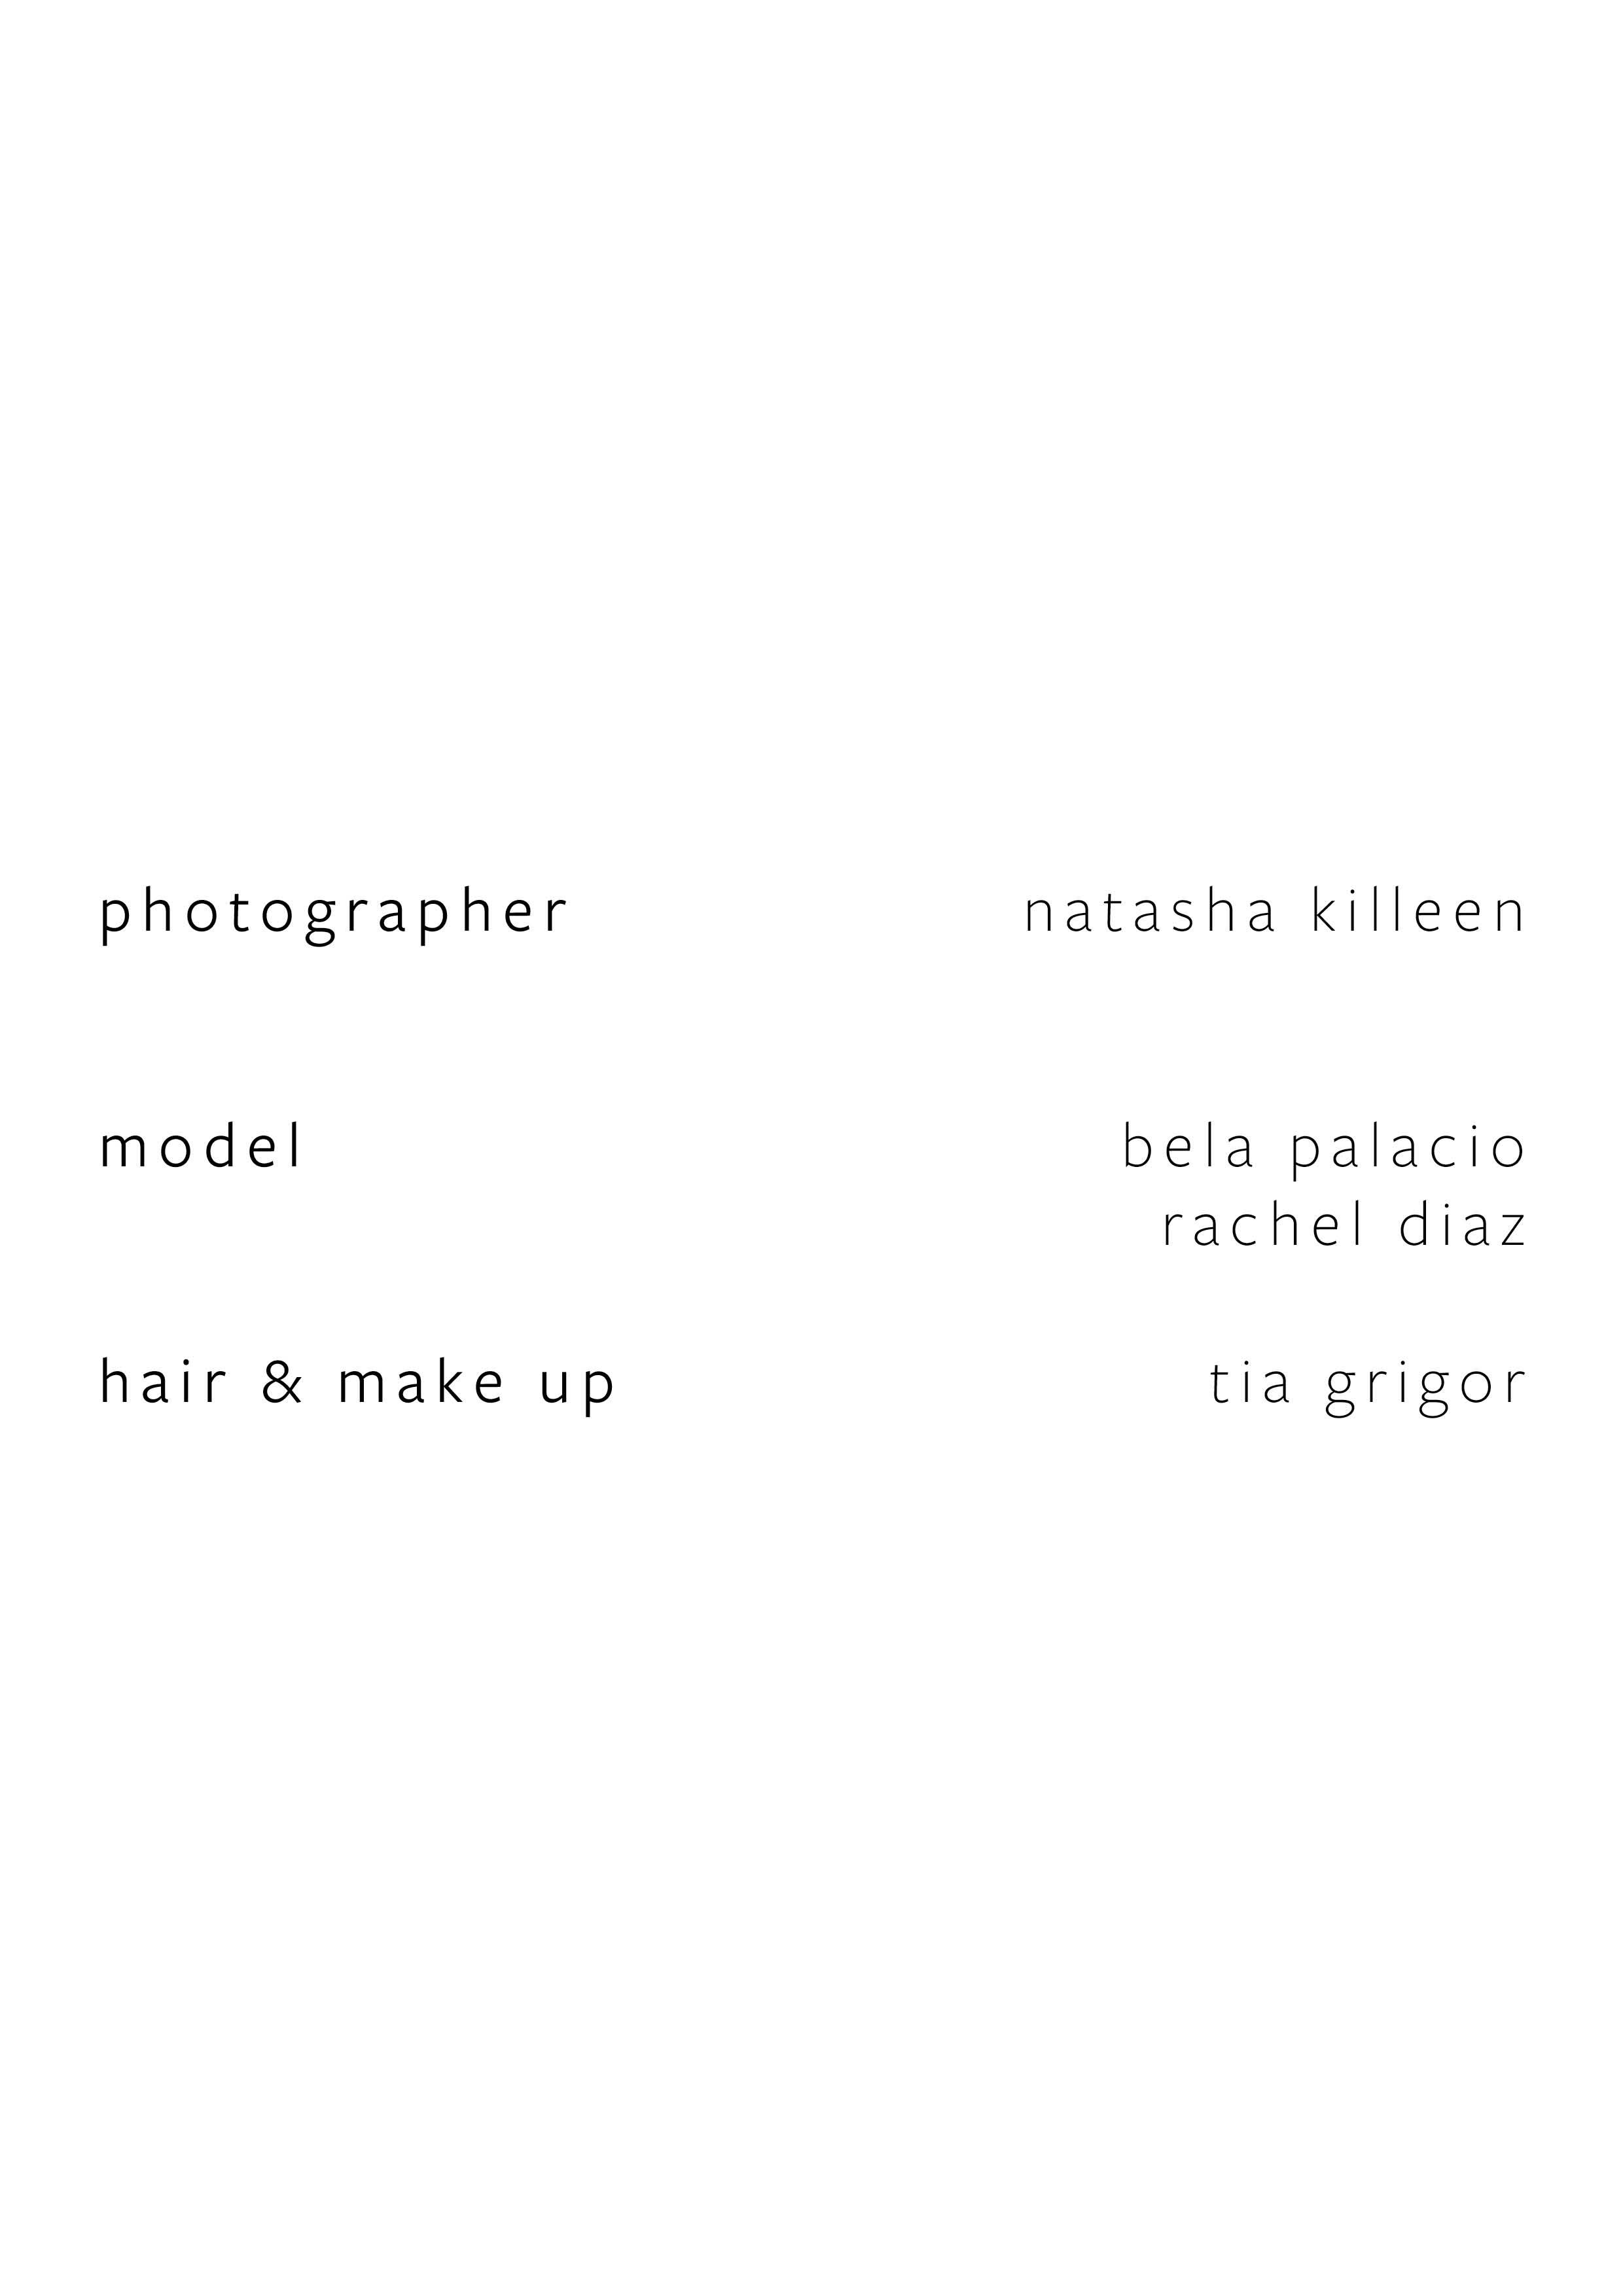 tribute to photographers 1.jpg